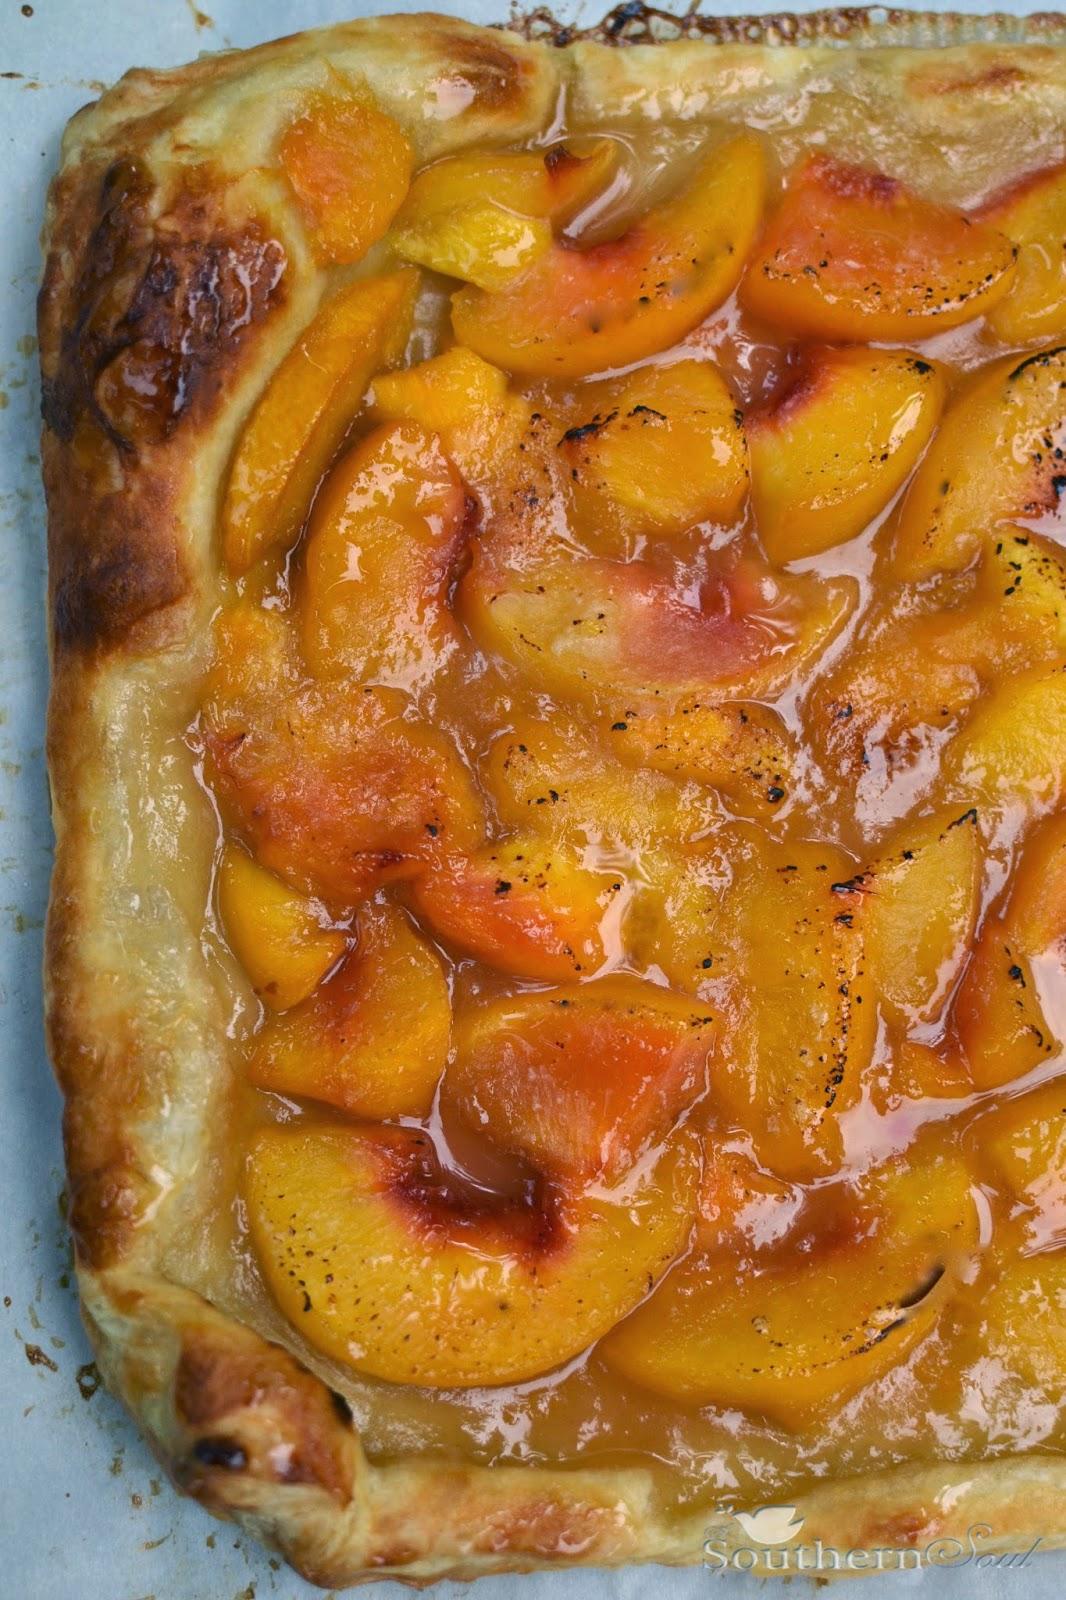 http://asouthern-soul.blogspot.com/2013/06/peach-tart.html